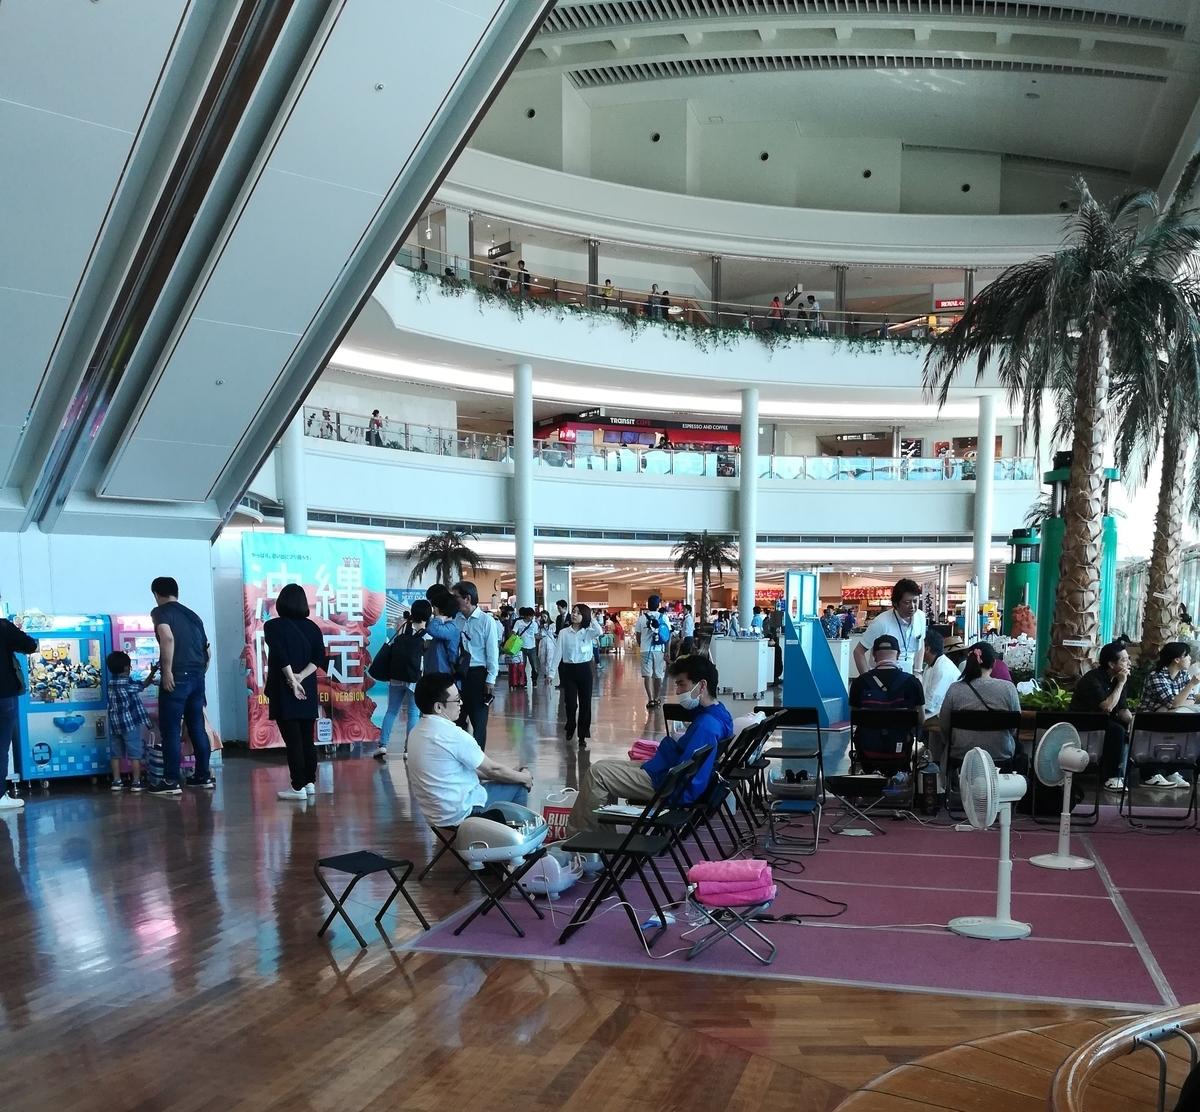 たくさんのショップがあるので那覇空港も見どころのひとつ!